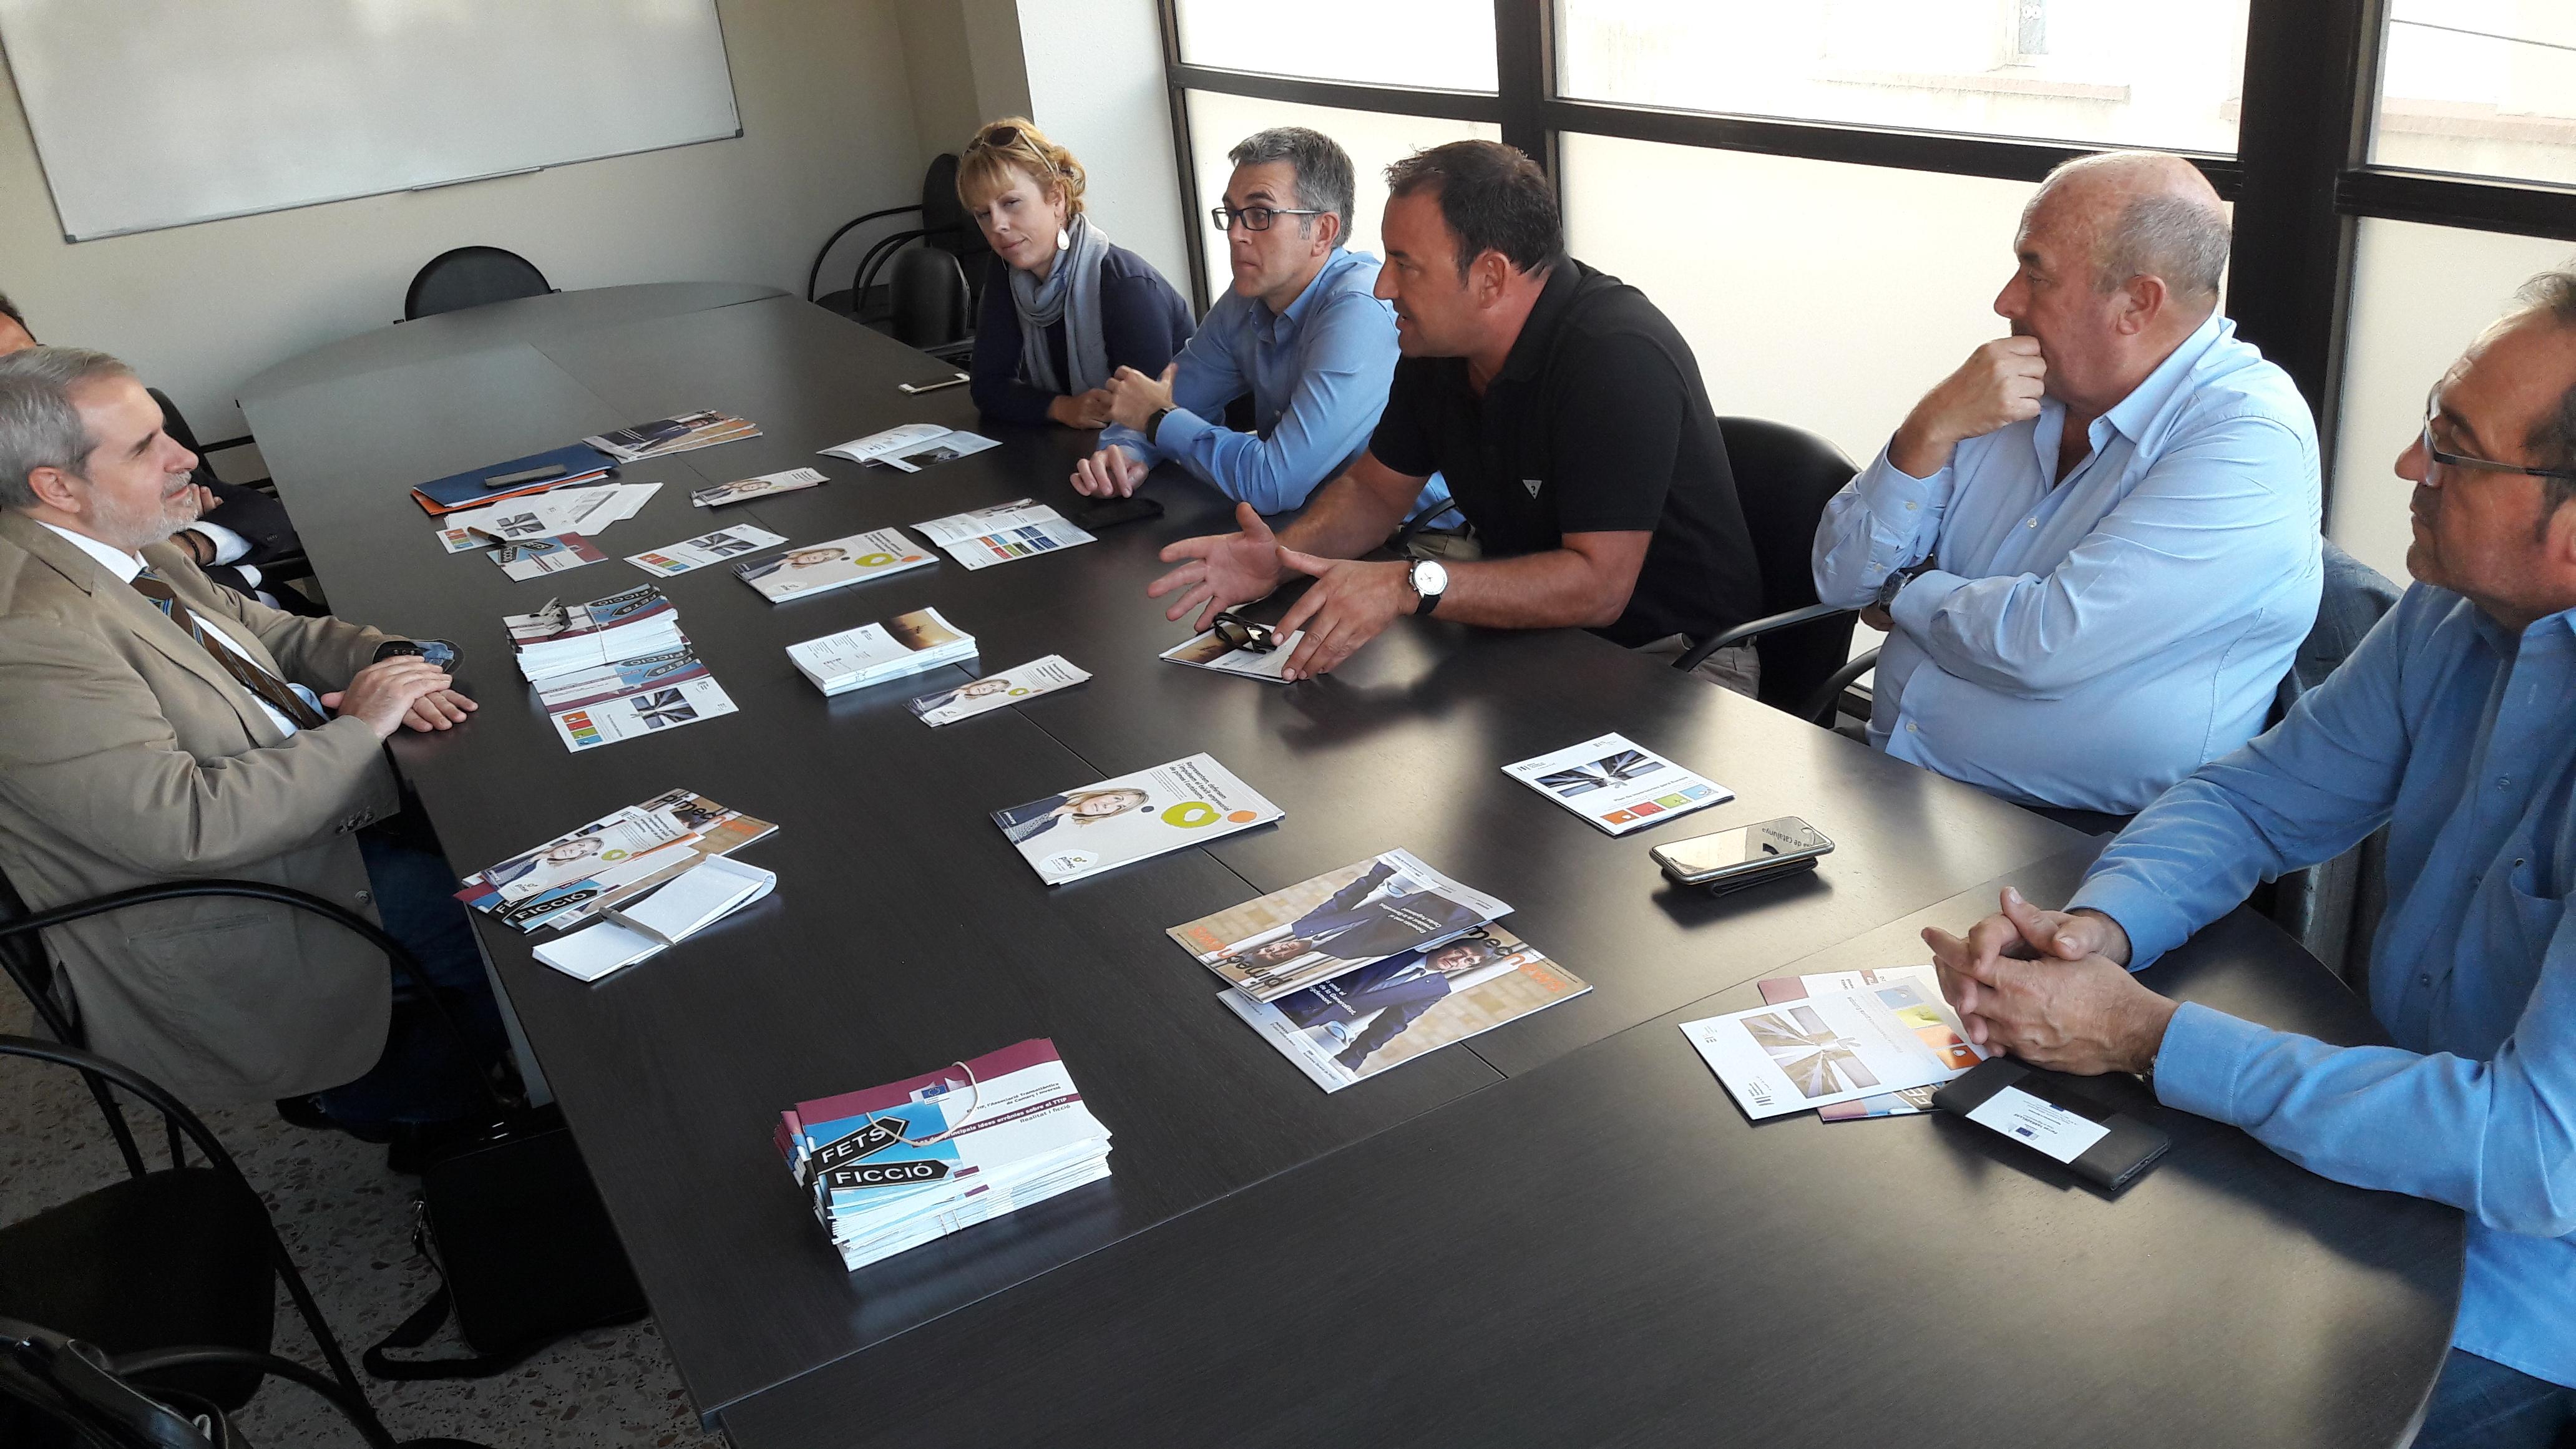 Els empresaris ebrencs reunits amb el representant de la Comissió Europea a Barcelona